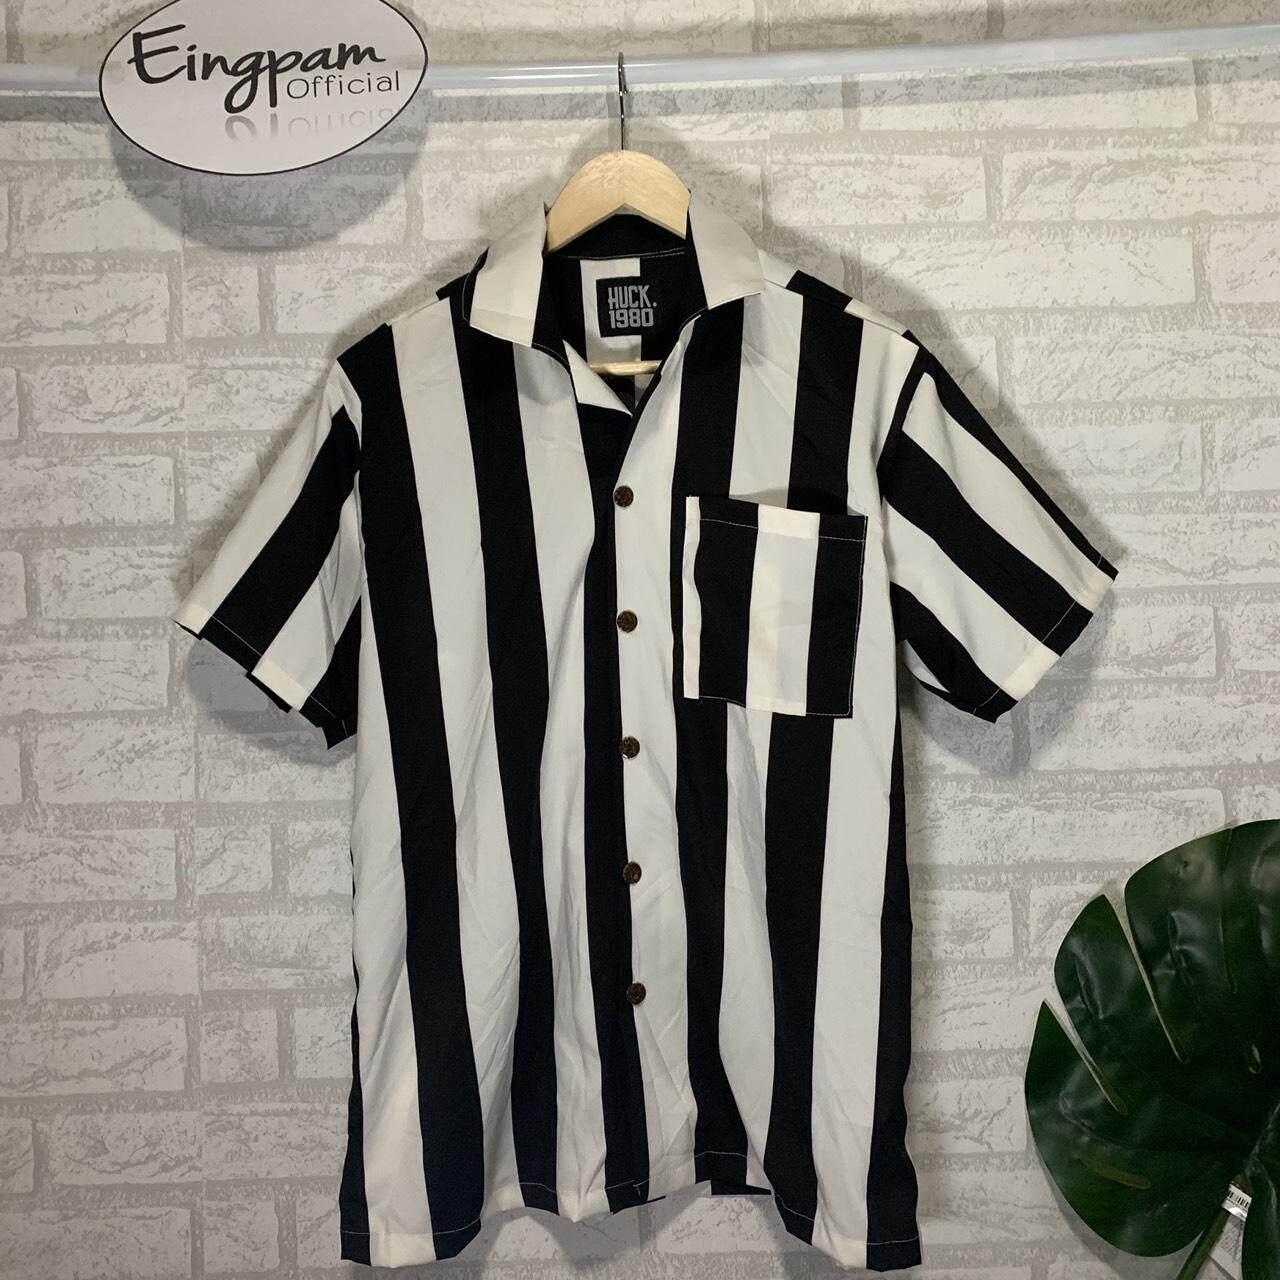 เสื้อฮาวาย เสื้อเชิ้ตลายทาง เชิ้ตเกาหลี ฮาวาย เกาหลีมาแรง By Eingpam